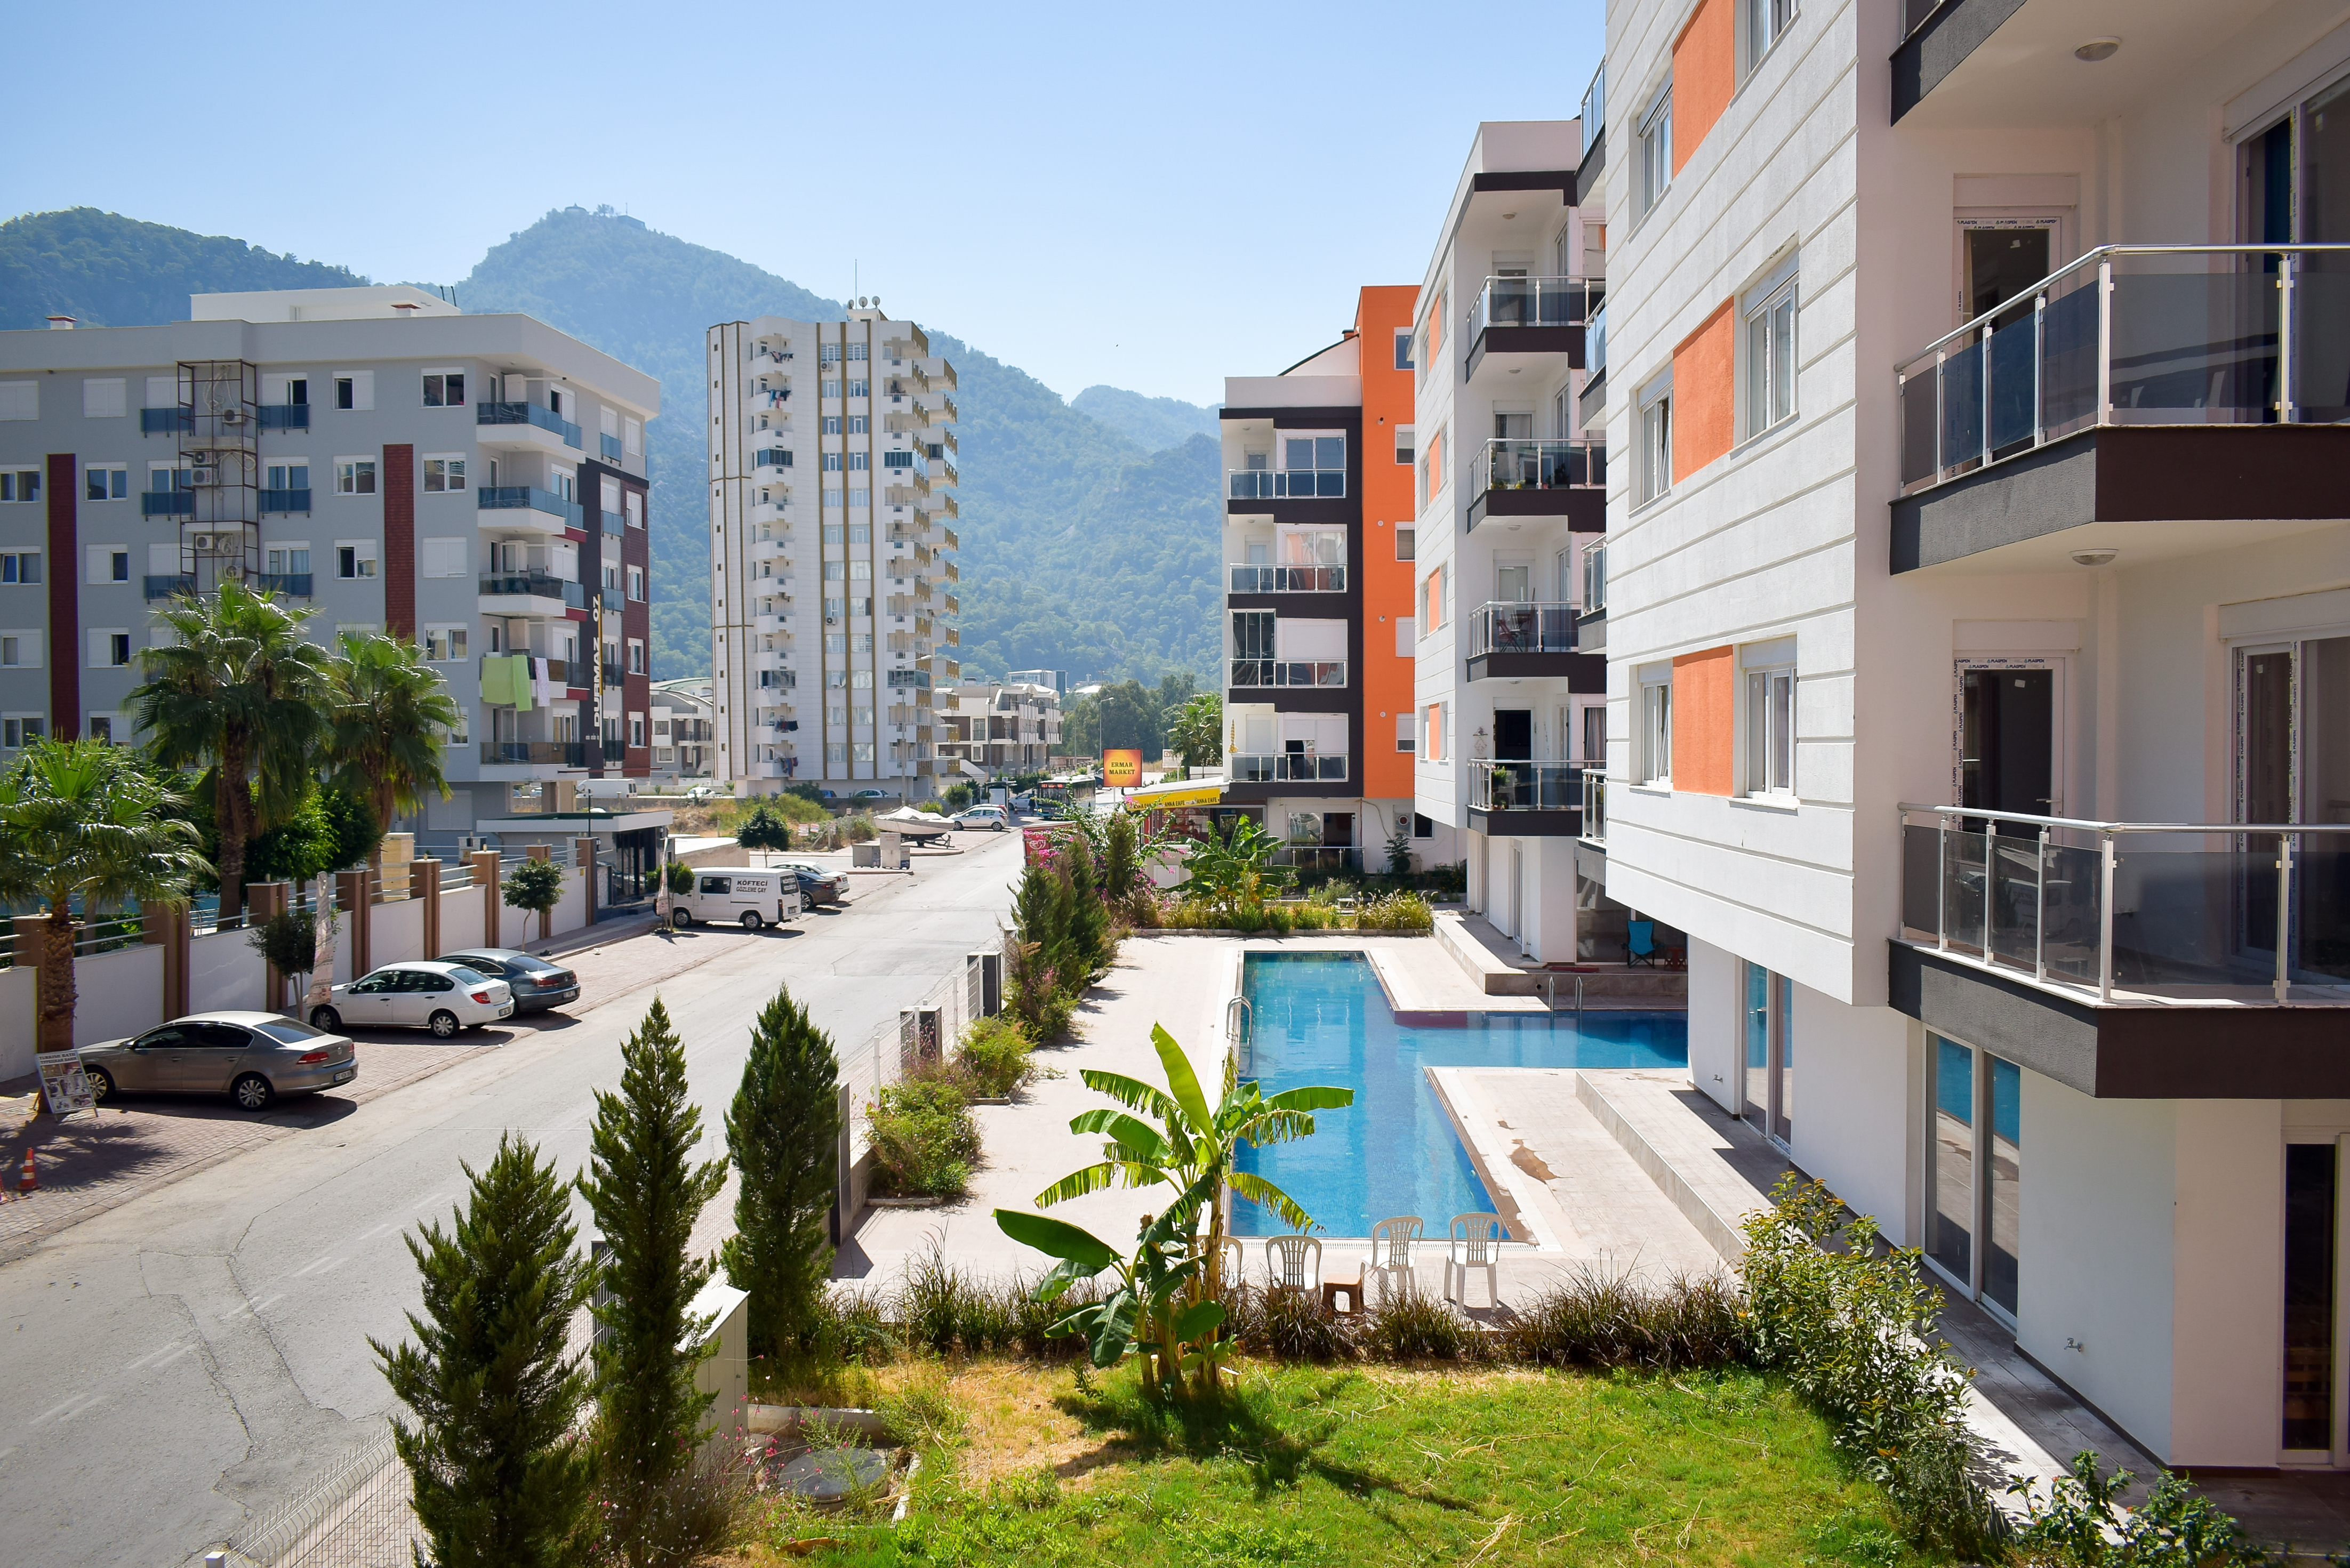 Ferienwohnung Gemtliche 2 Schlafzimmer mit Blick auf die Berge Gratis Wifi (2782156), Çakirlar, , Mittelmeerregion, Türkei, Bild 6